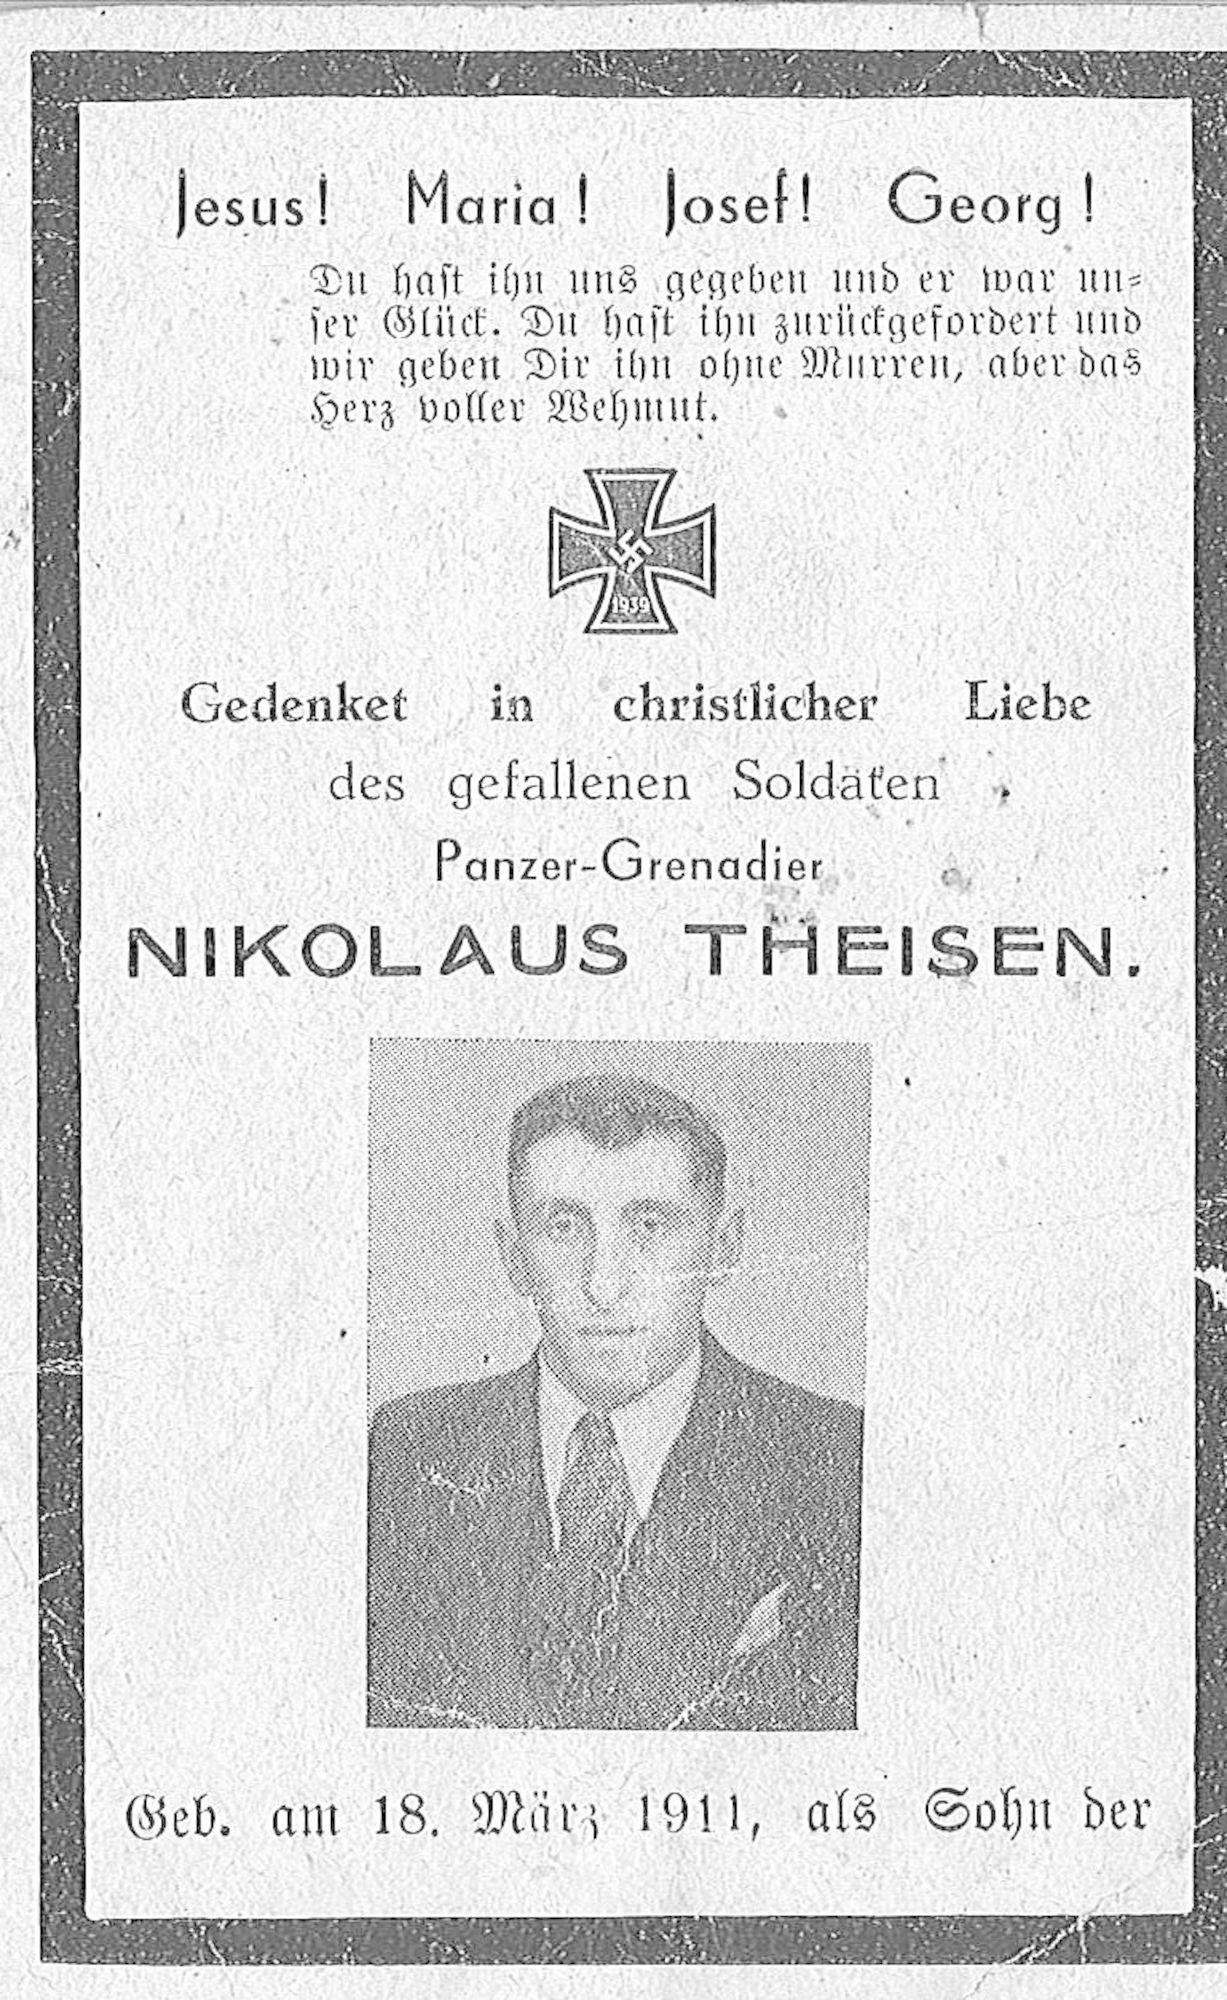 Nikolaus Theisen